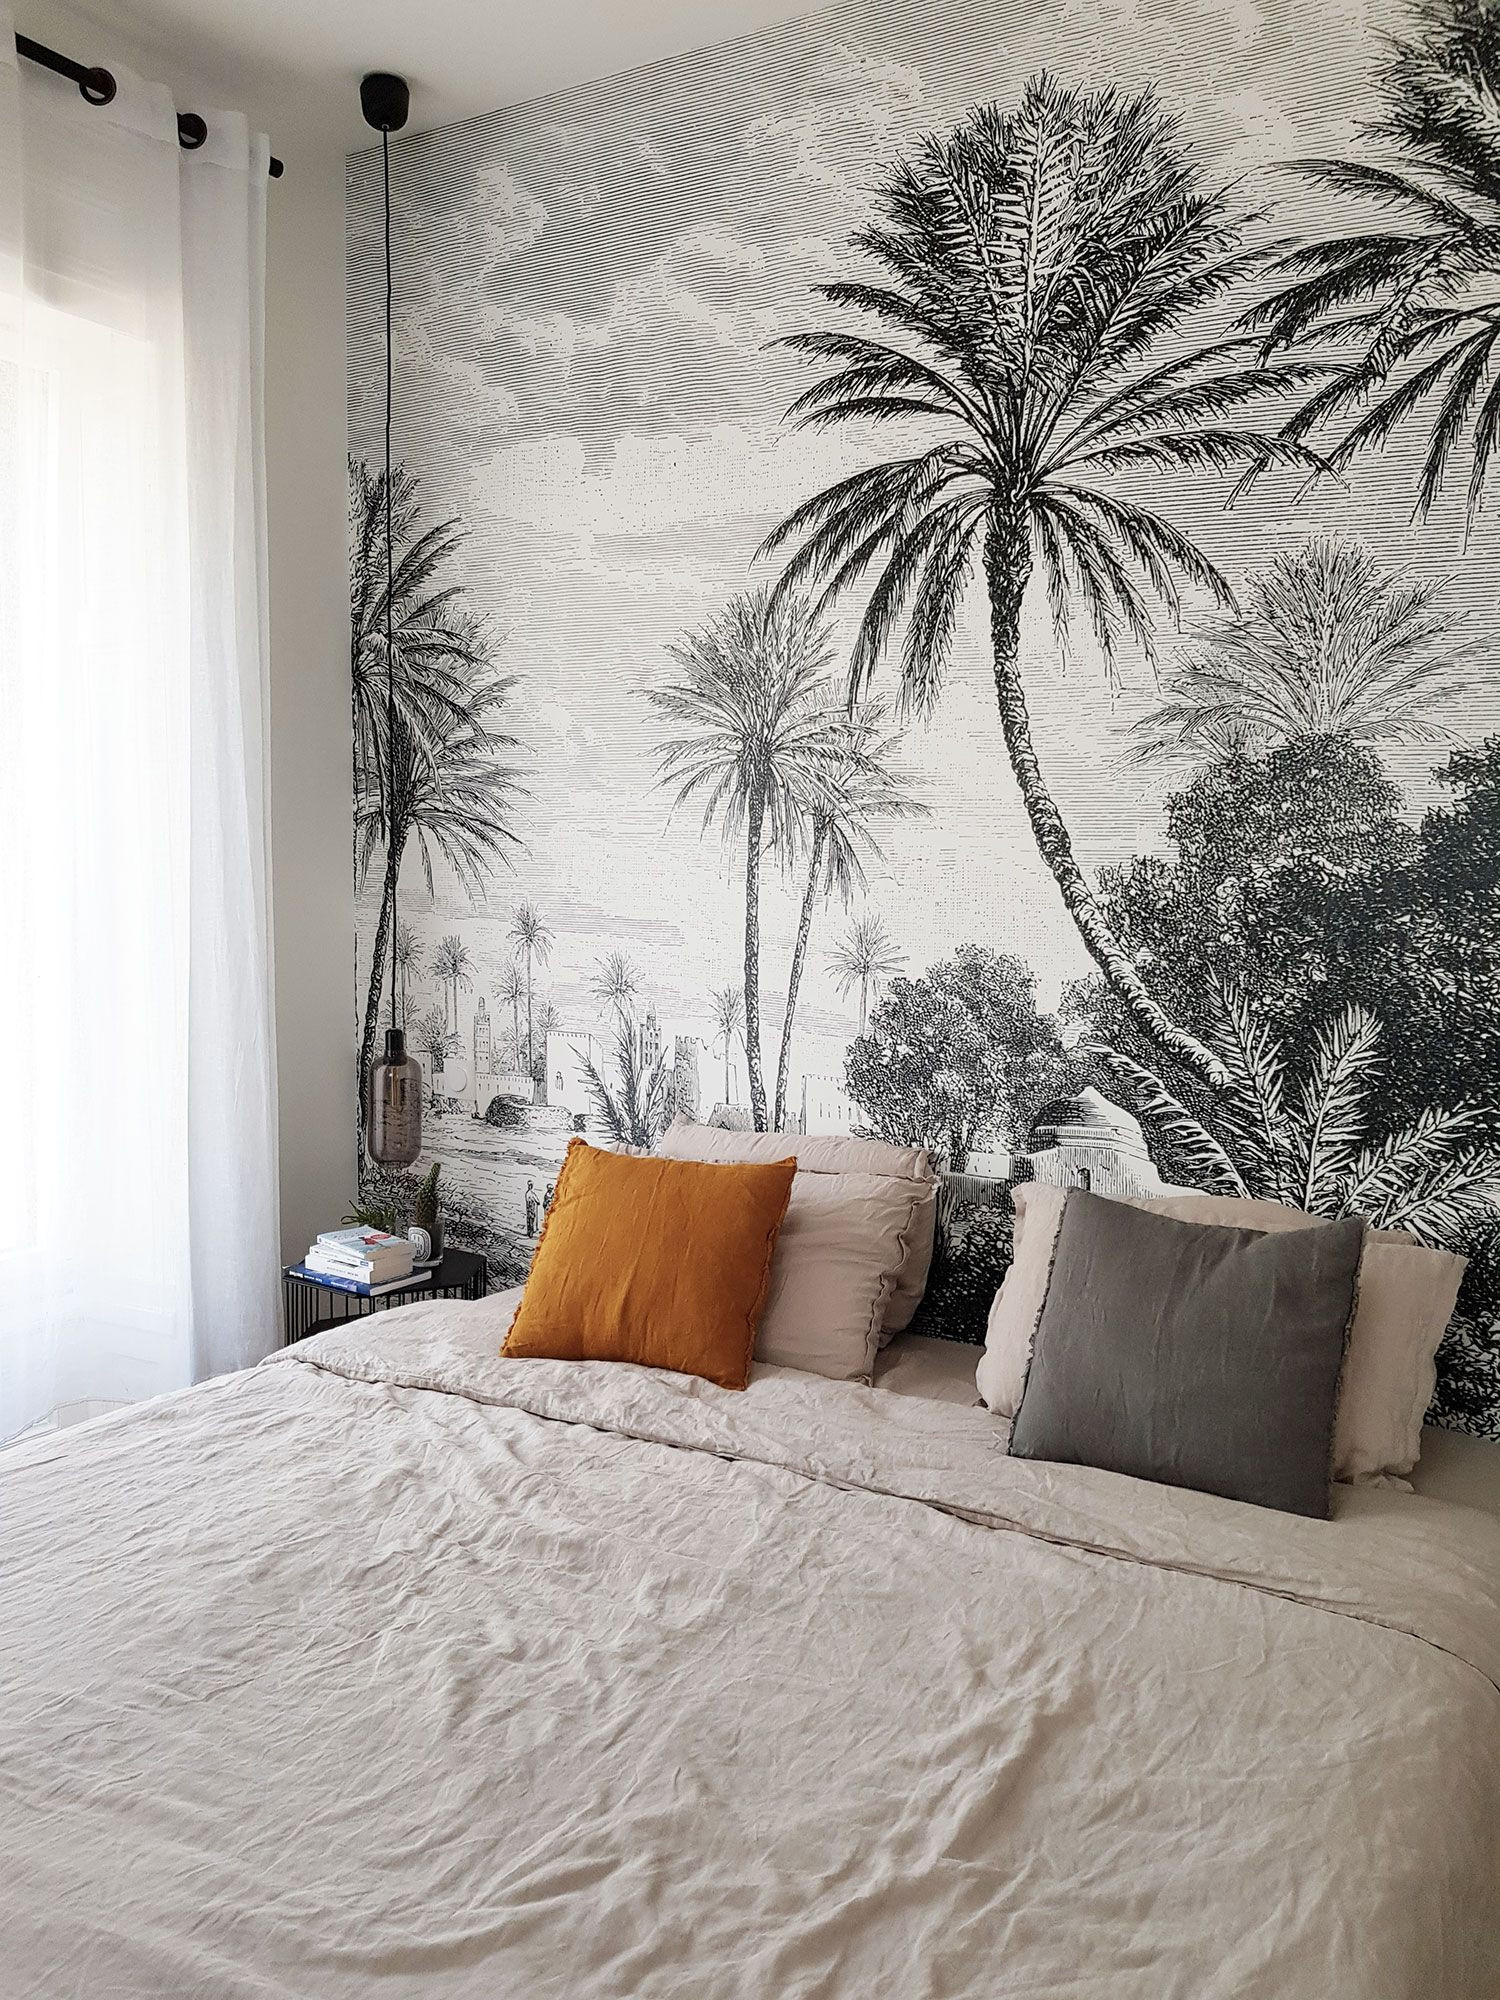 Papier Peint Pour Chambre notre décor panoramique sur-mesure oasis dans la chambre d